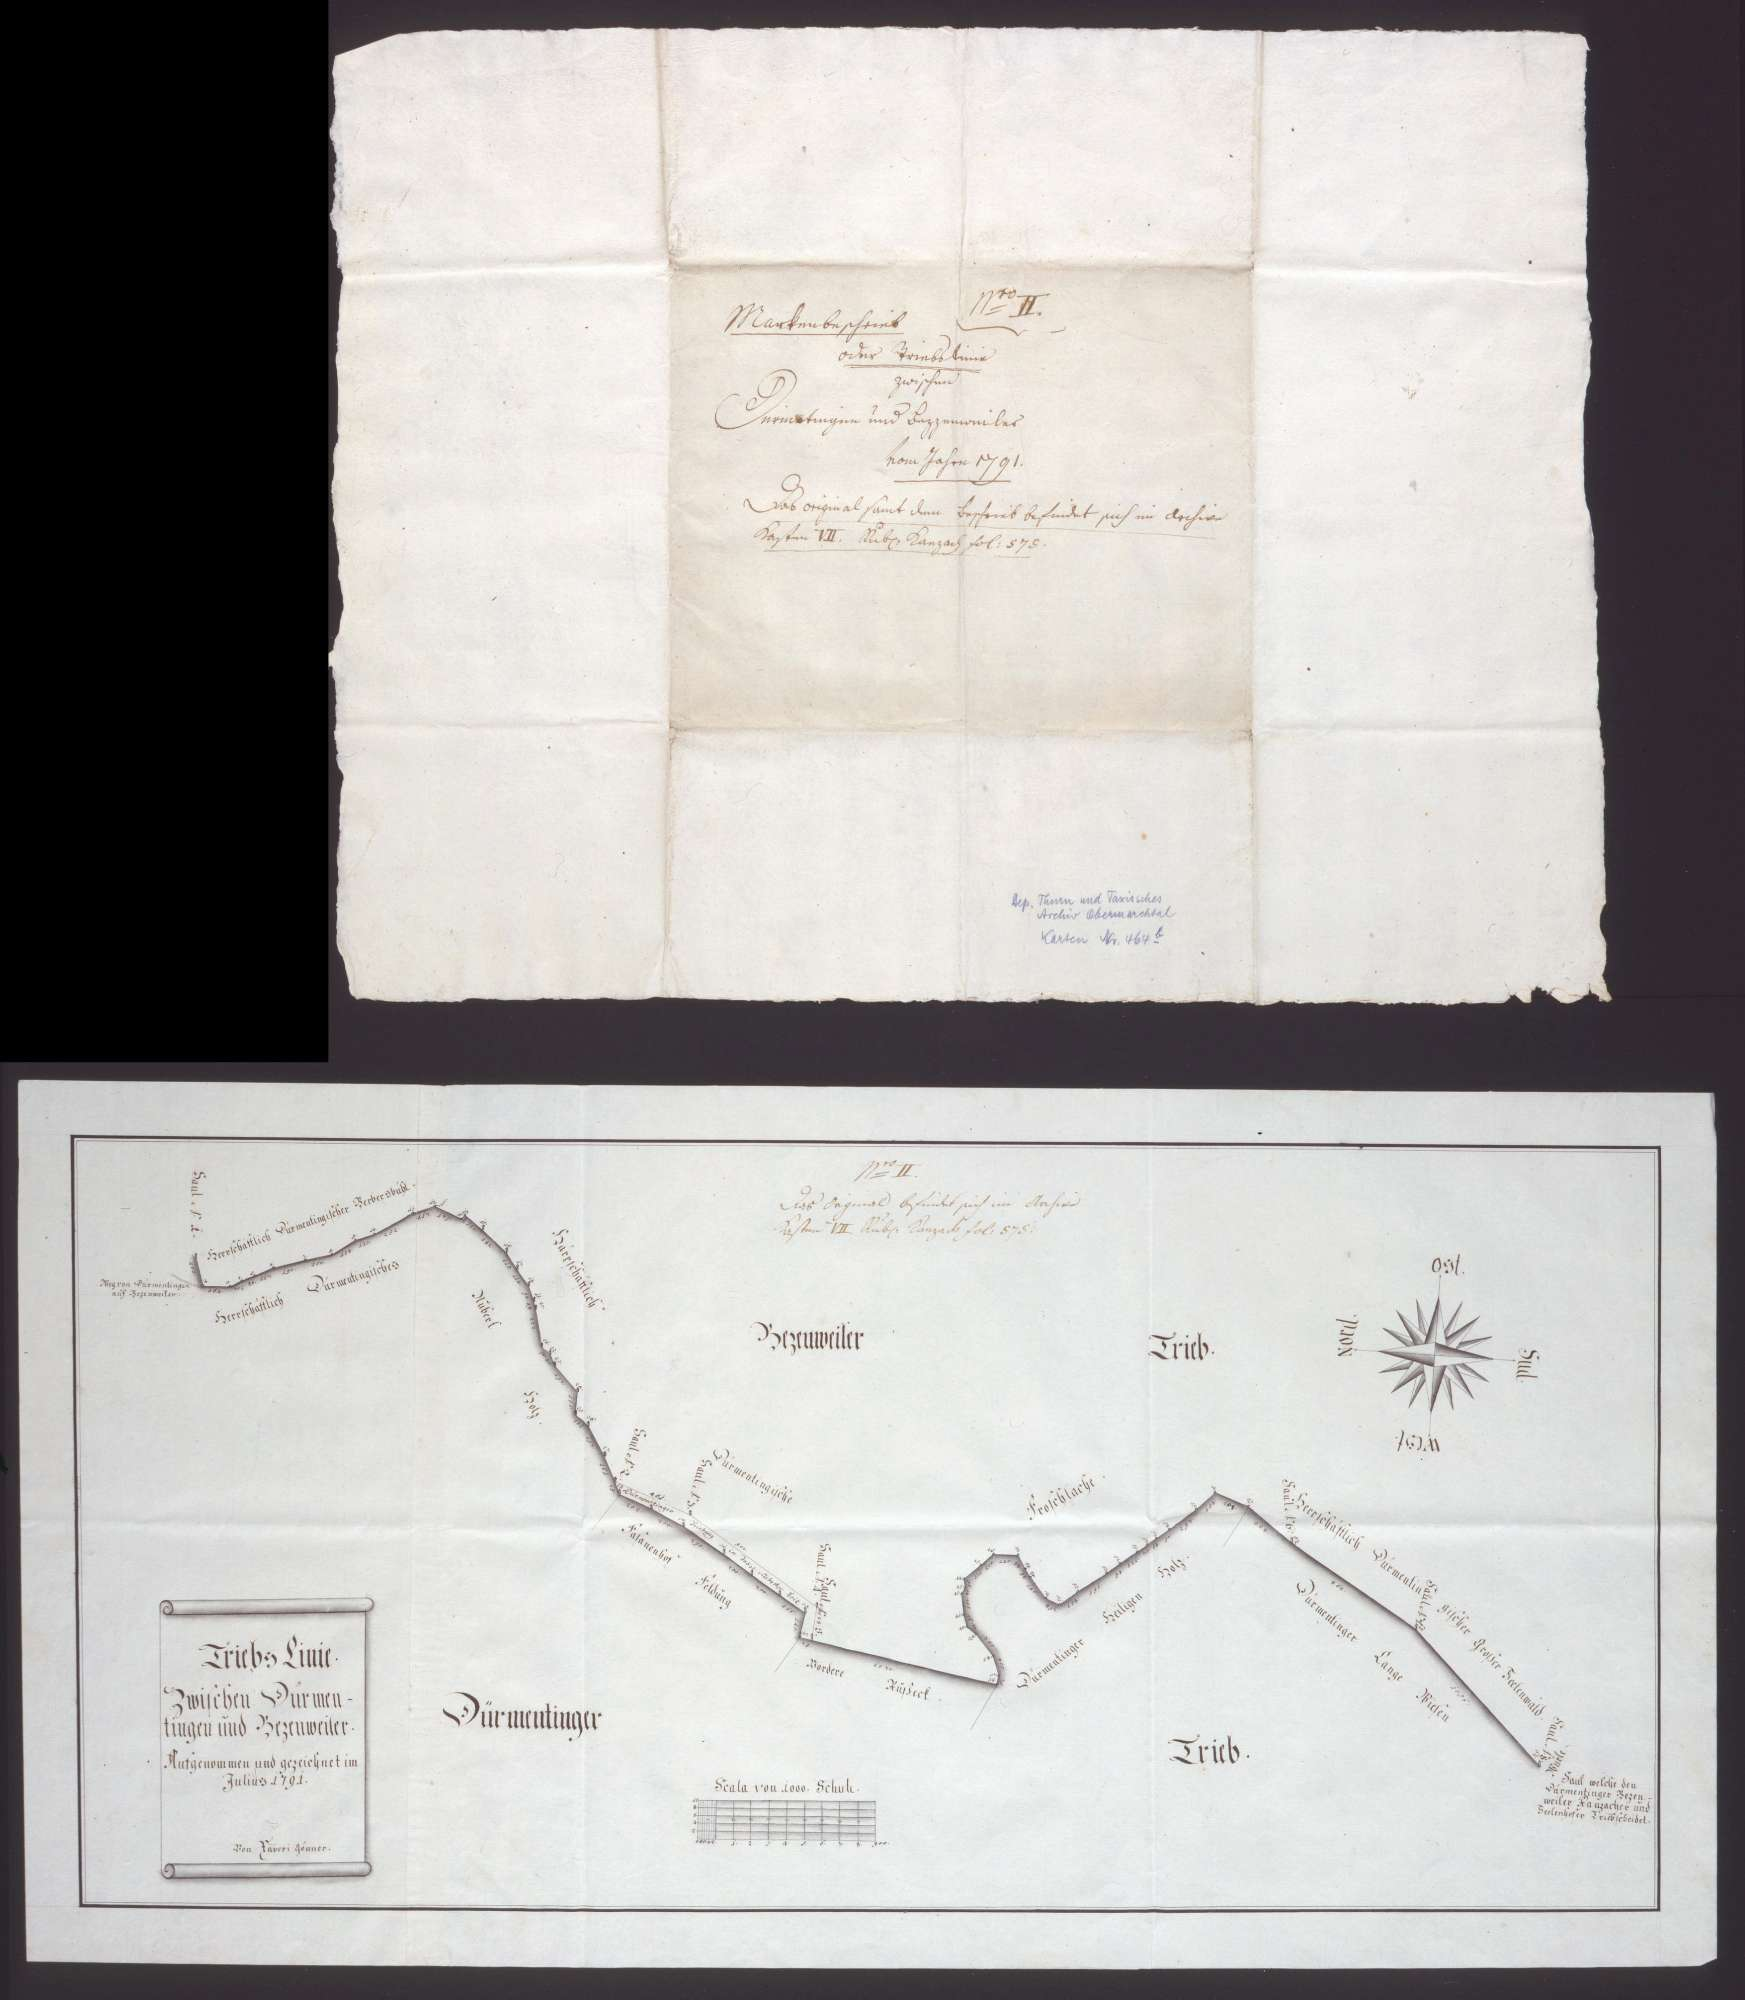 Trieblinie zwischen Dürmentingen und Betzenweiler Maßstab ca. 1 : 3300 Zeichner: Xaver Gönner handgez., Bild 1